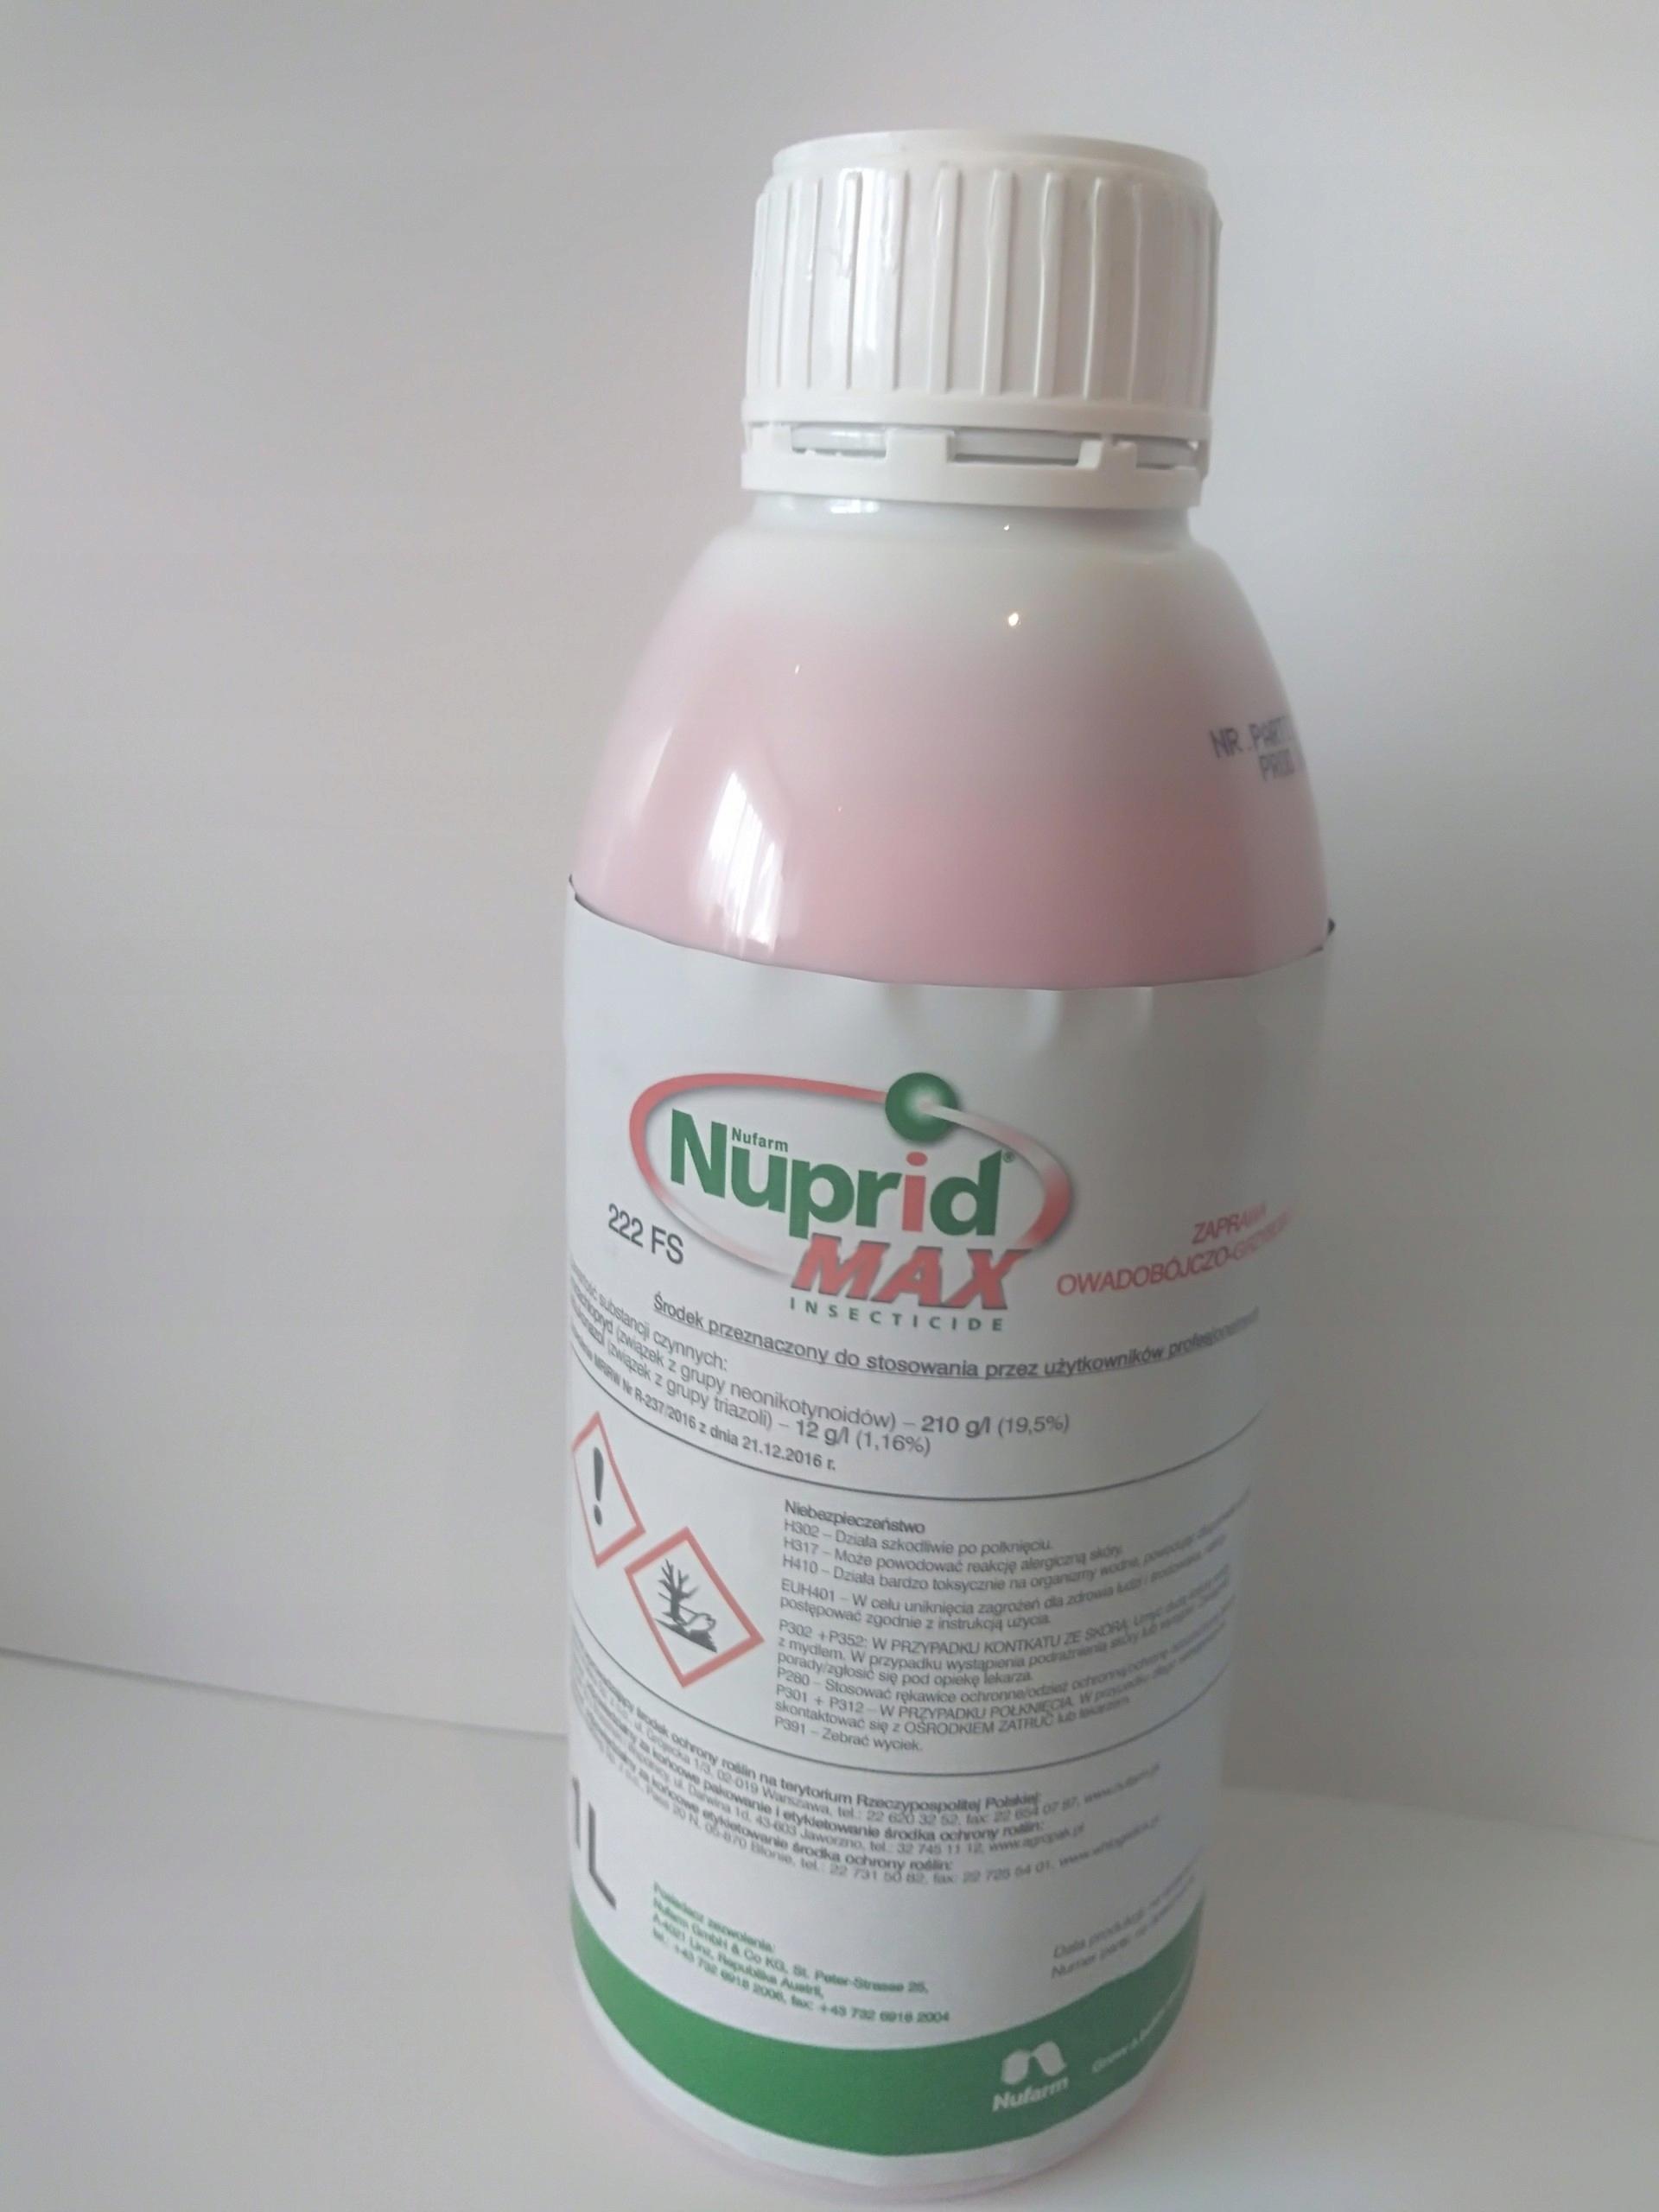 Fantastyczny Nuprid MAX 222FS 1l zaprawa do zbóż śnieć zgorzel - 7537250714 QZ34